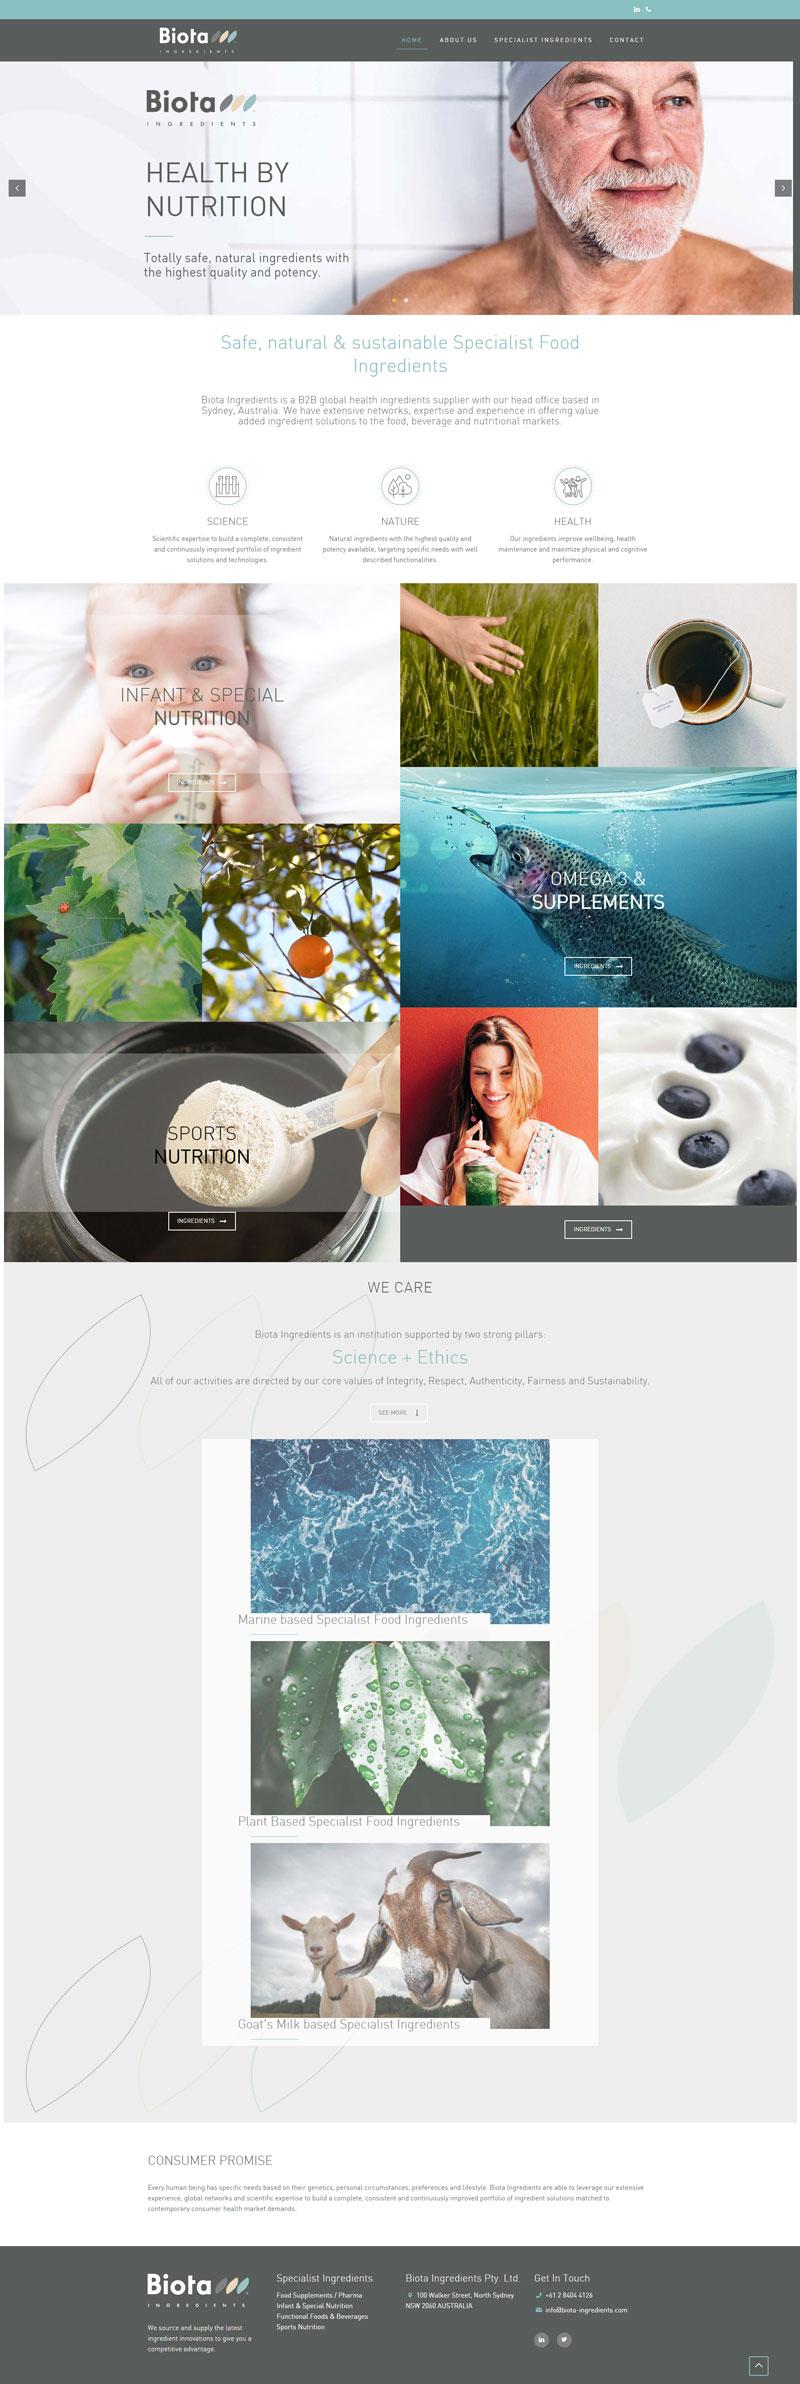 biota-web-full